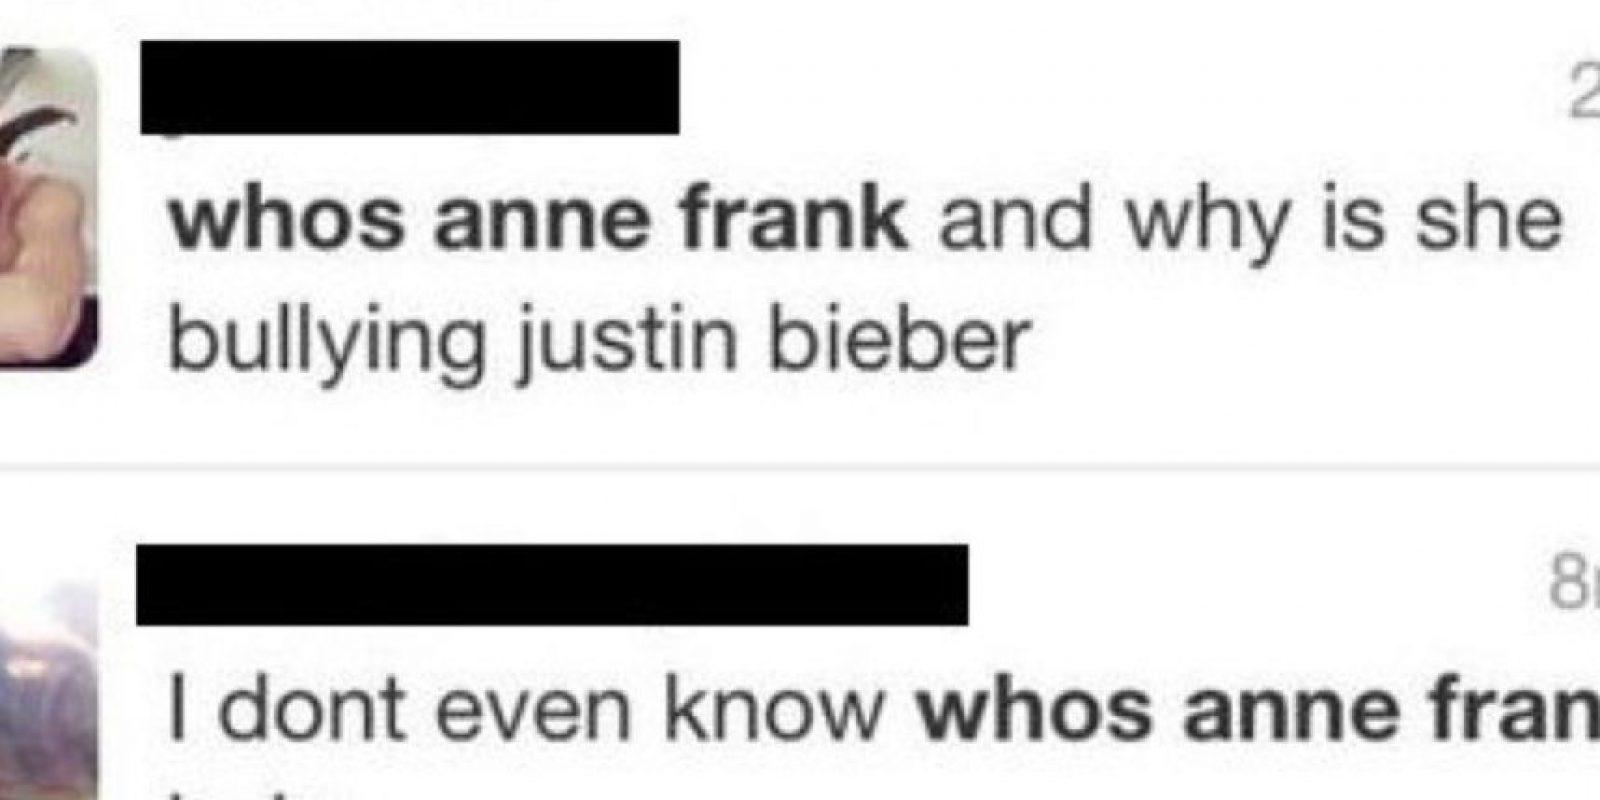 Ana Frank revivió de la Segunda Guerra Mundial para molestar a Justin Bieber. Foto:Twitter